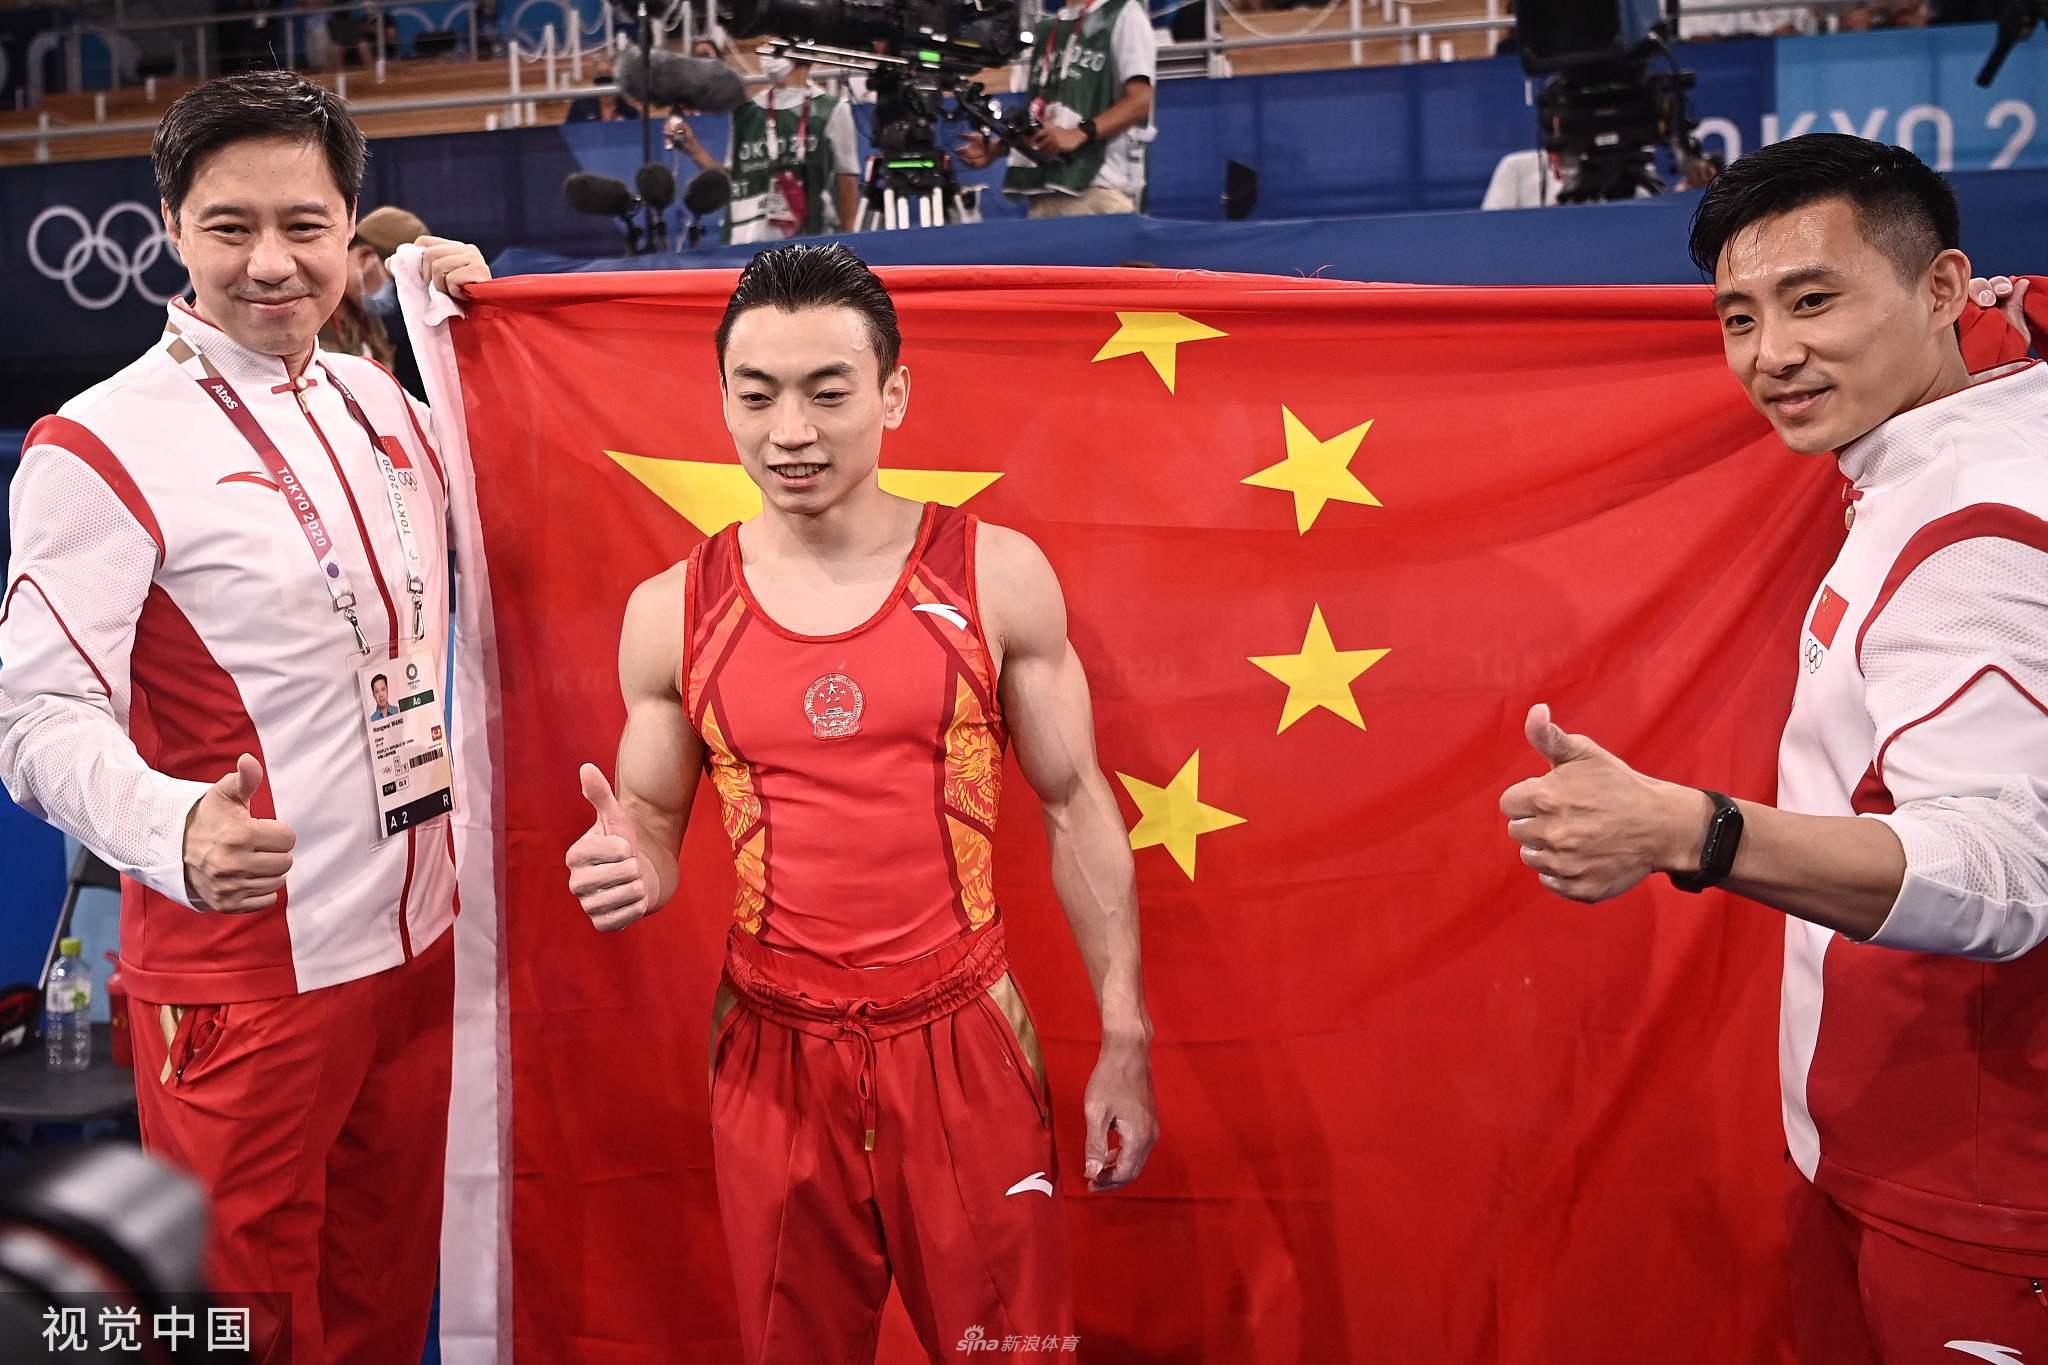 近四届奥运三次夺冠 中国体操最强单项非它莫属